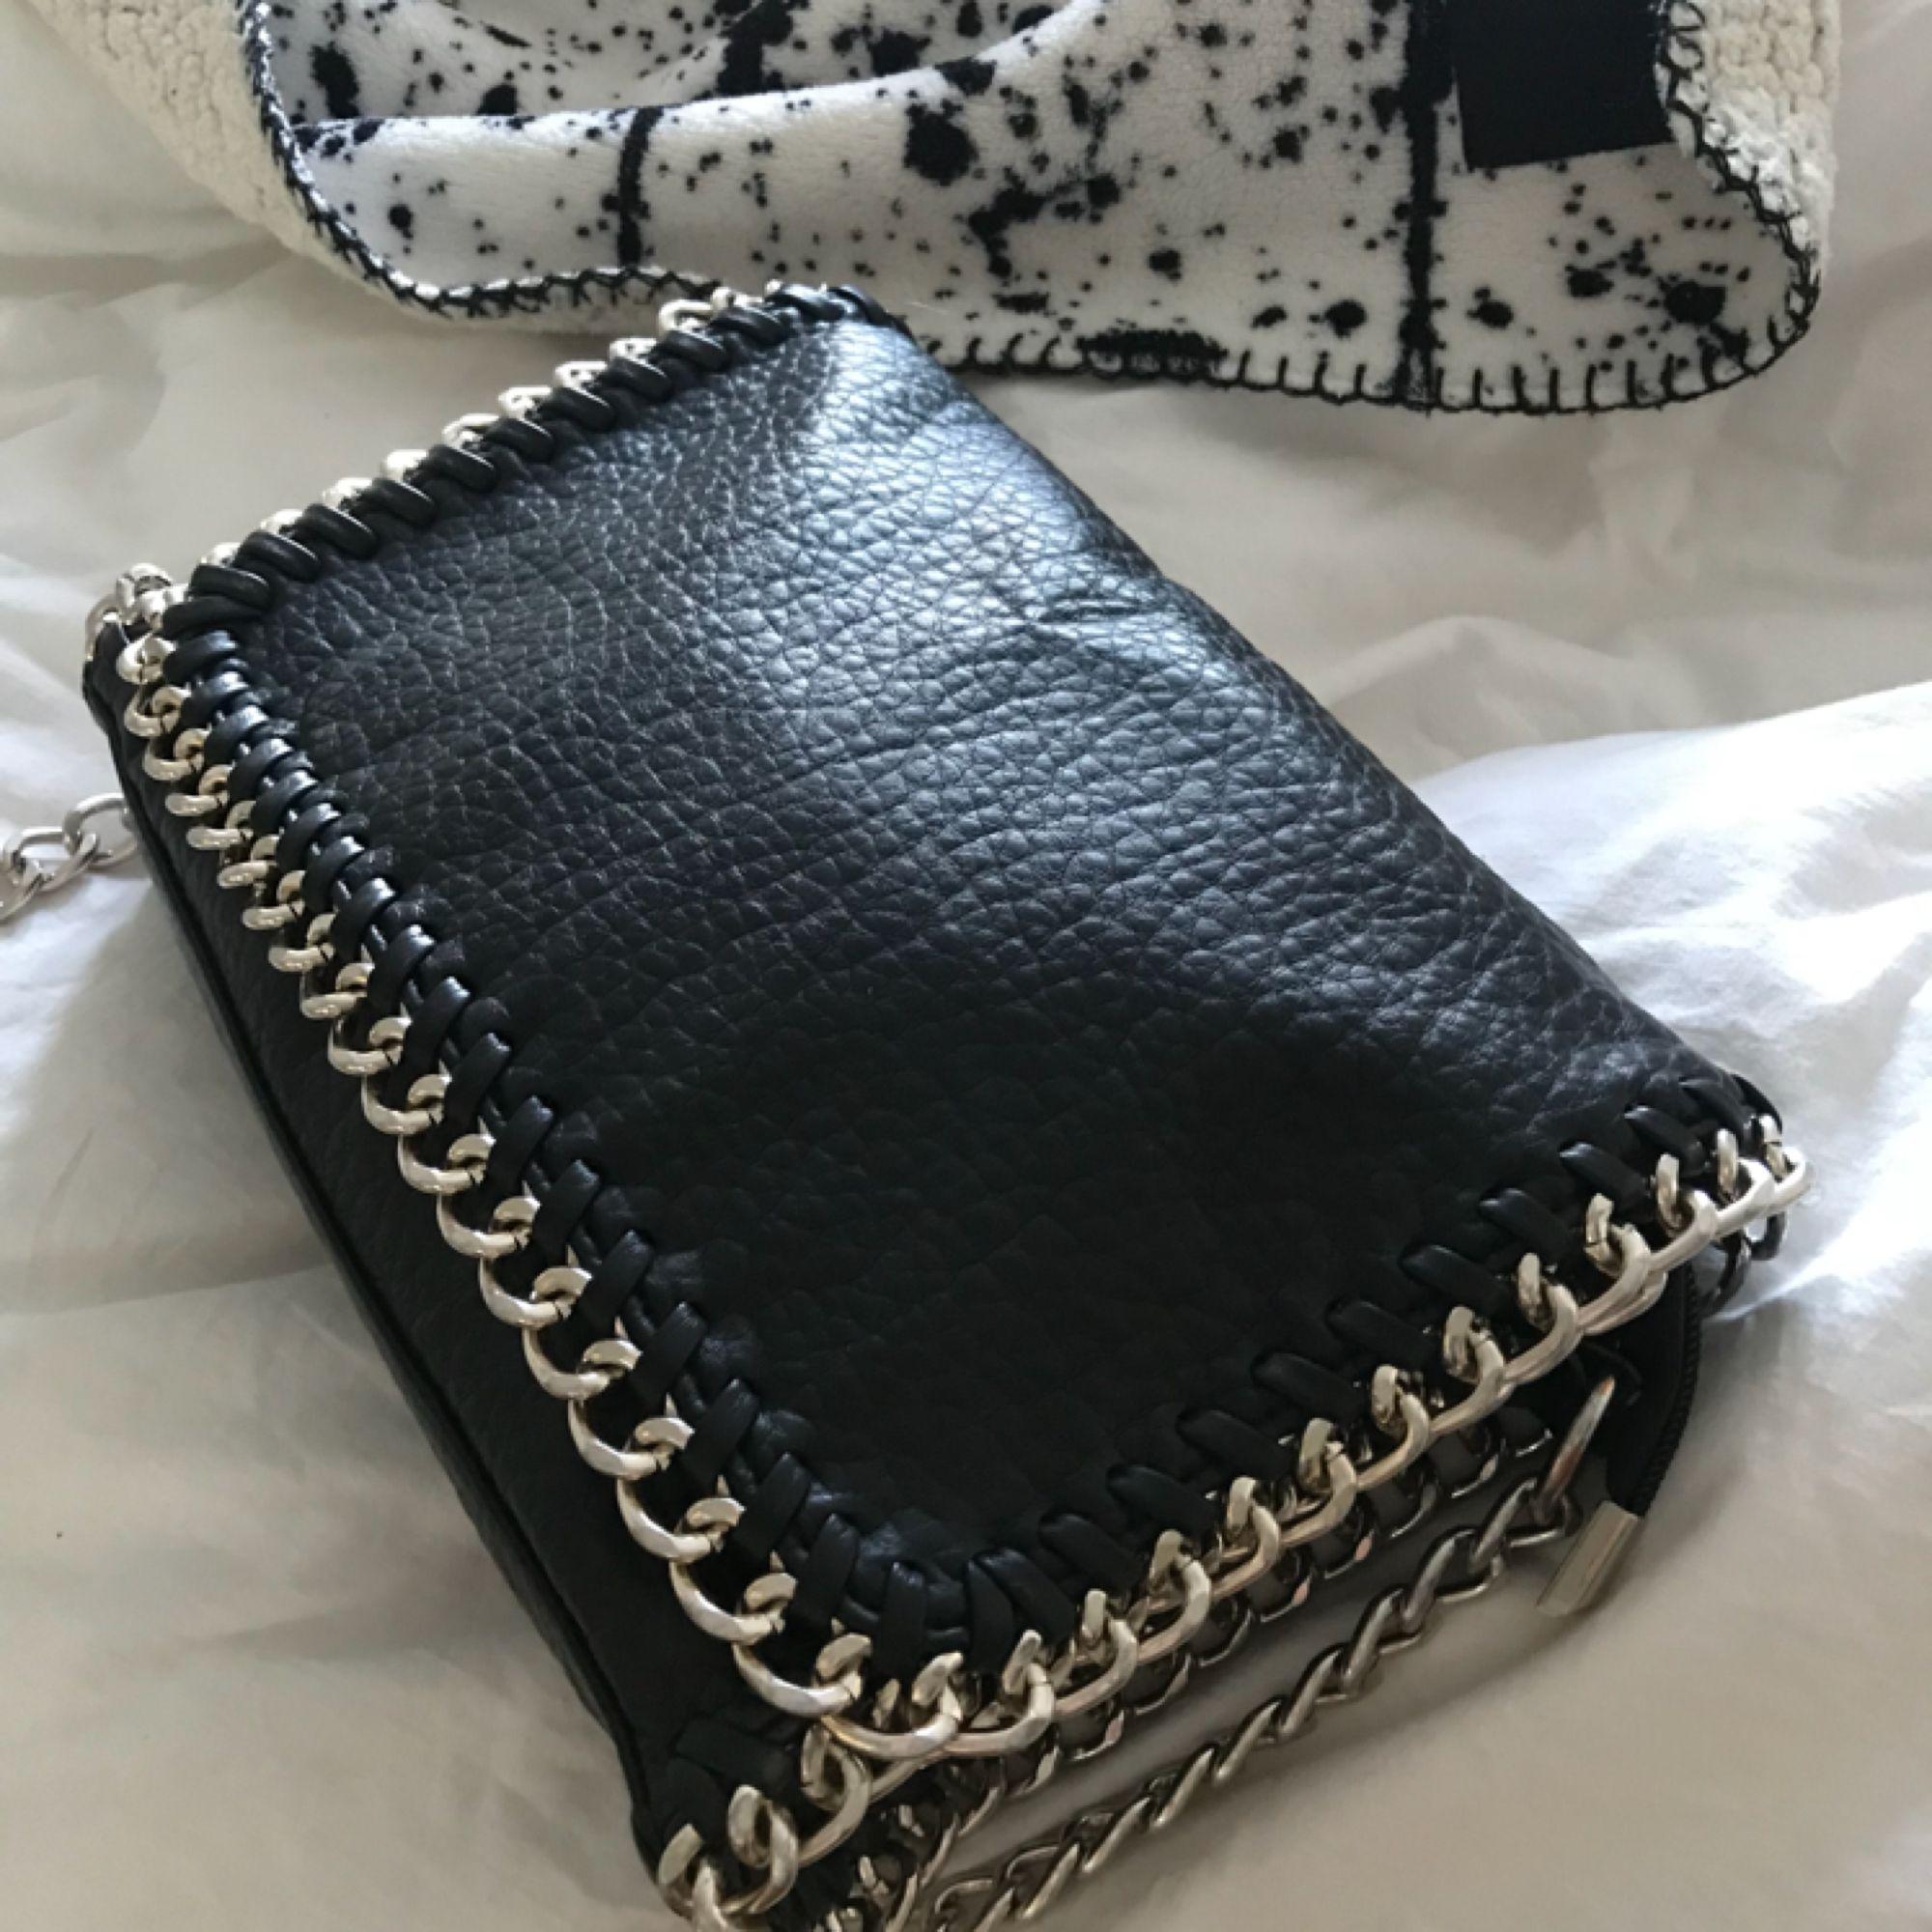 Säljer en stella mccartney lookalike från scorett! Trots att den länge varit en favorit i garderoben så är den är sparsamt använd och i mycket bra skick. Den kommer tyvärr inte till användning hos mig längre så hoppas att pärlan kan få ett nytt hem! . Väskor.